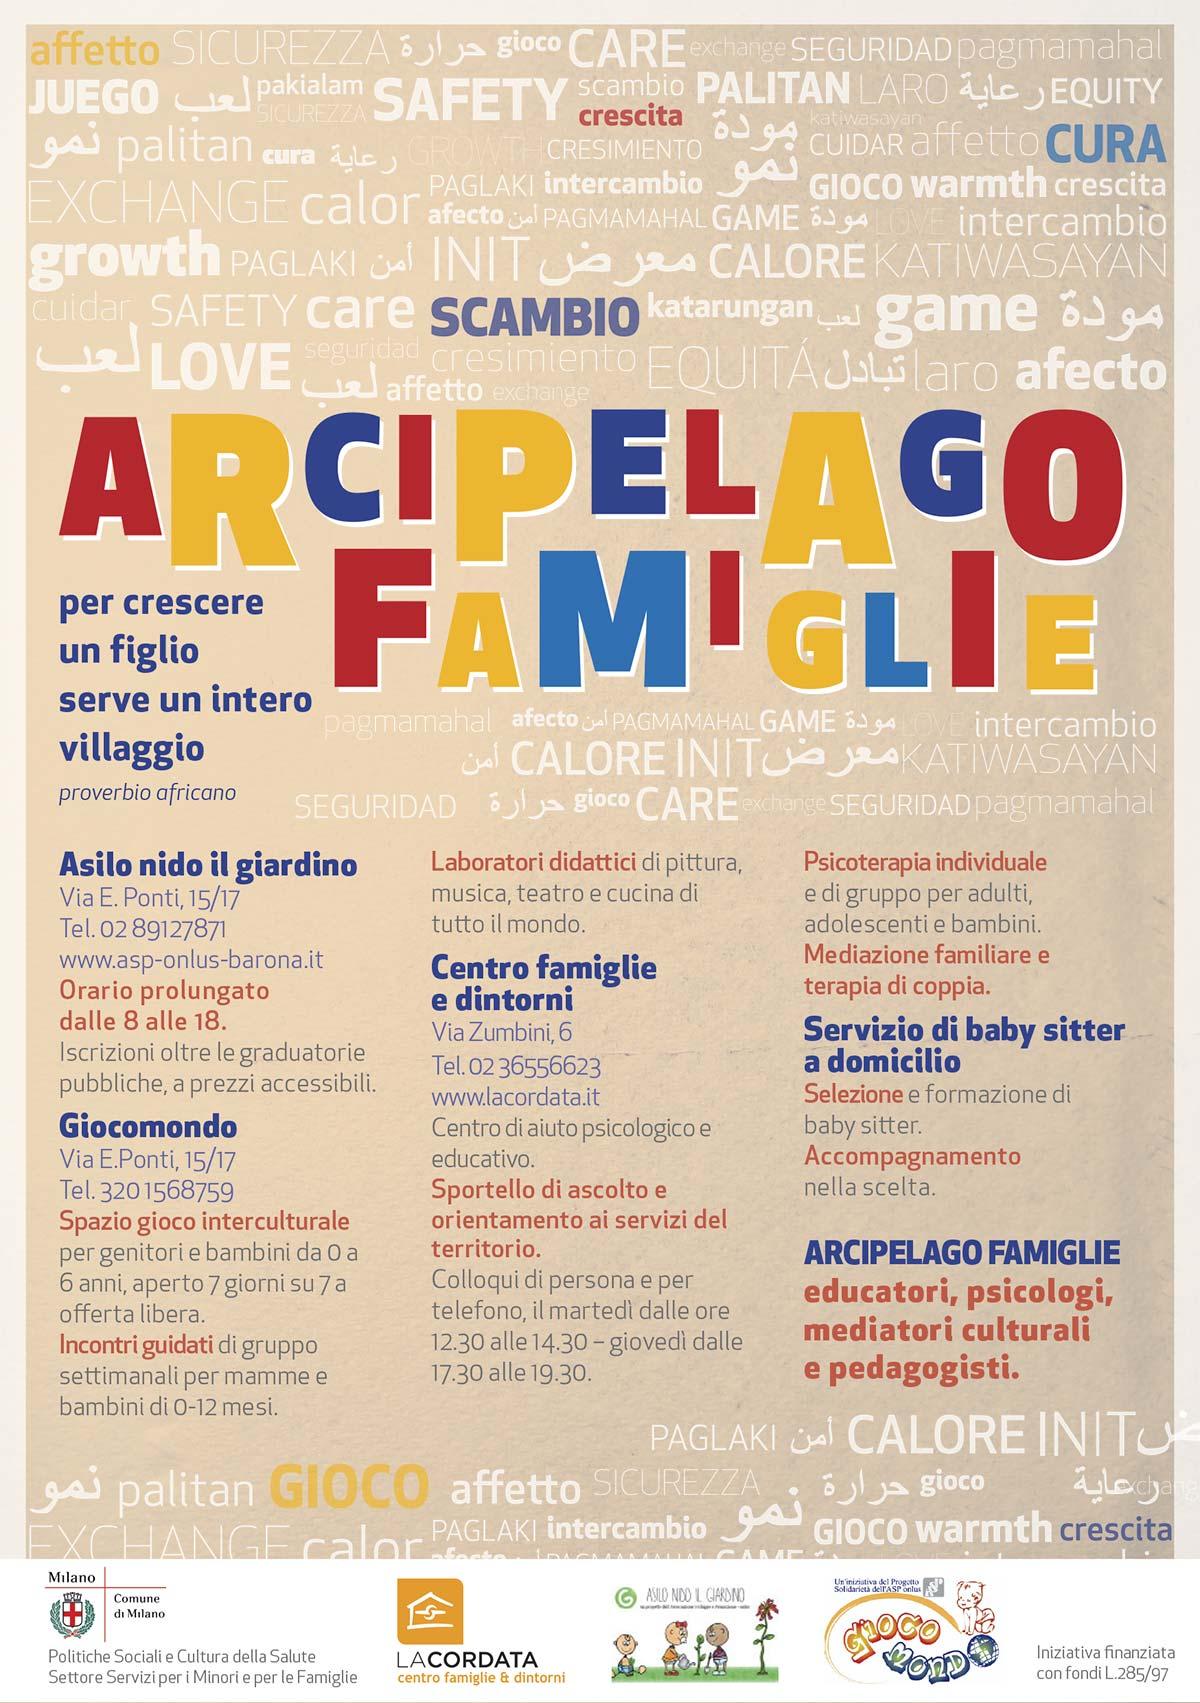 arcipelagoFamiglieA5